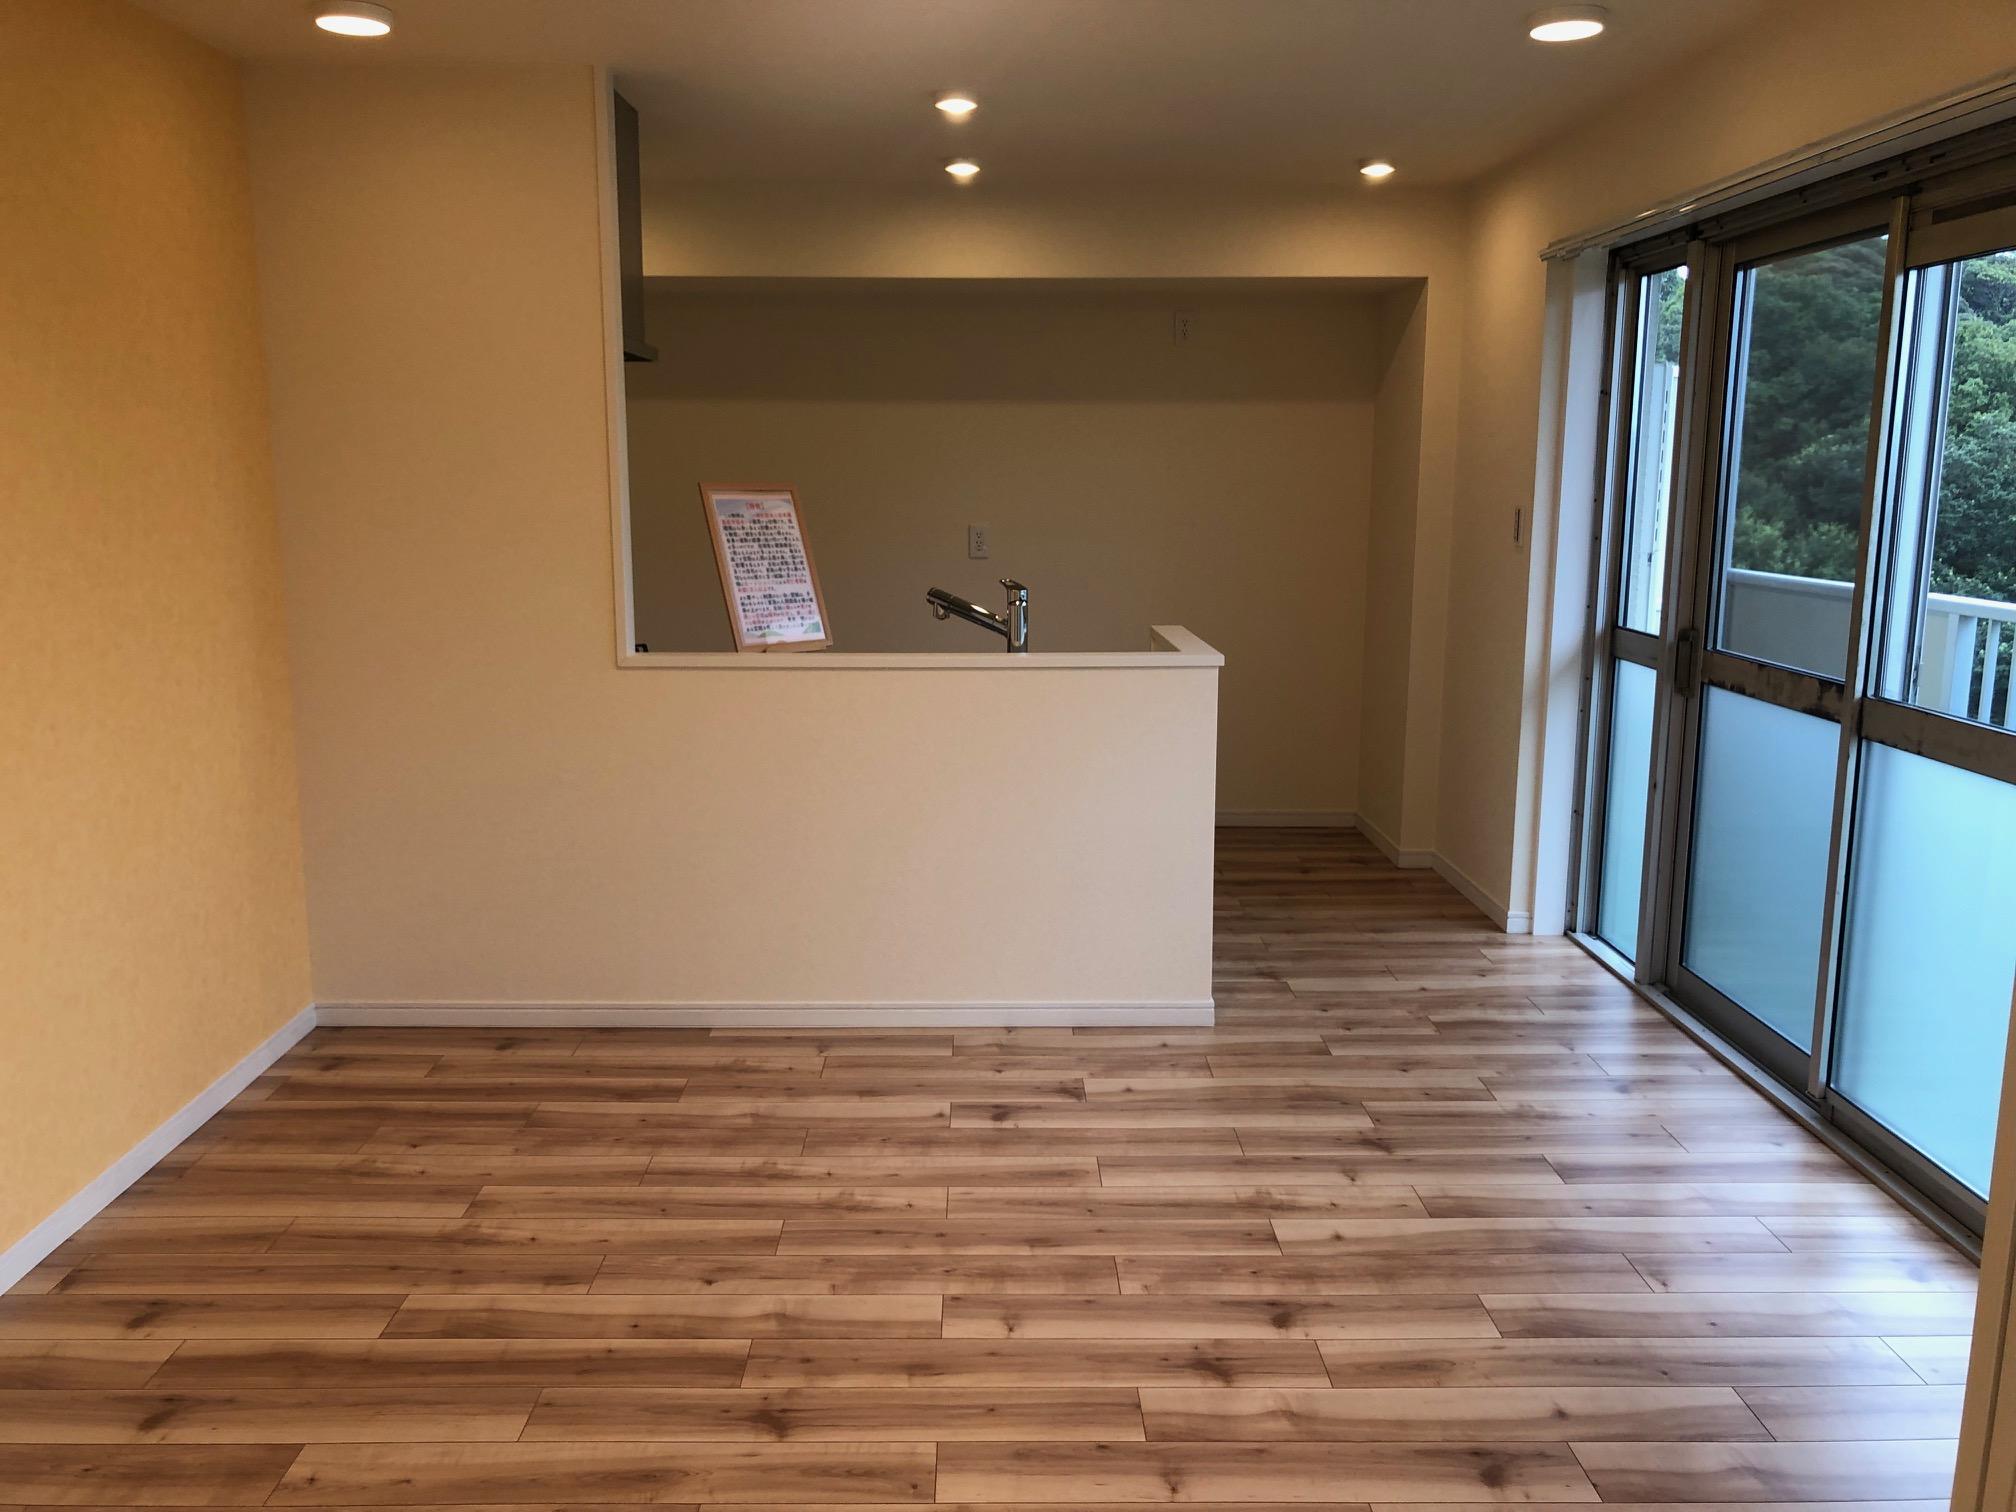 住宅リフォーム費用の平均は356万円―リフォーム推進協議会、戸建ては断熱性能向上が目的